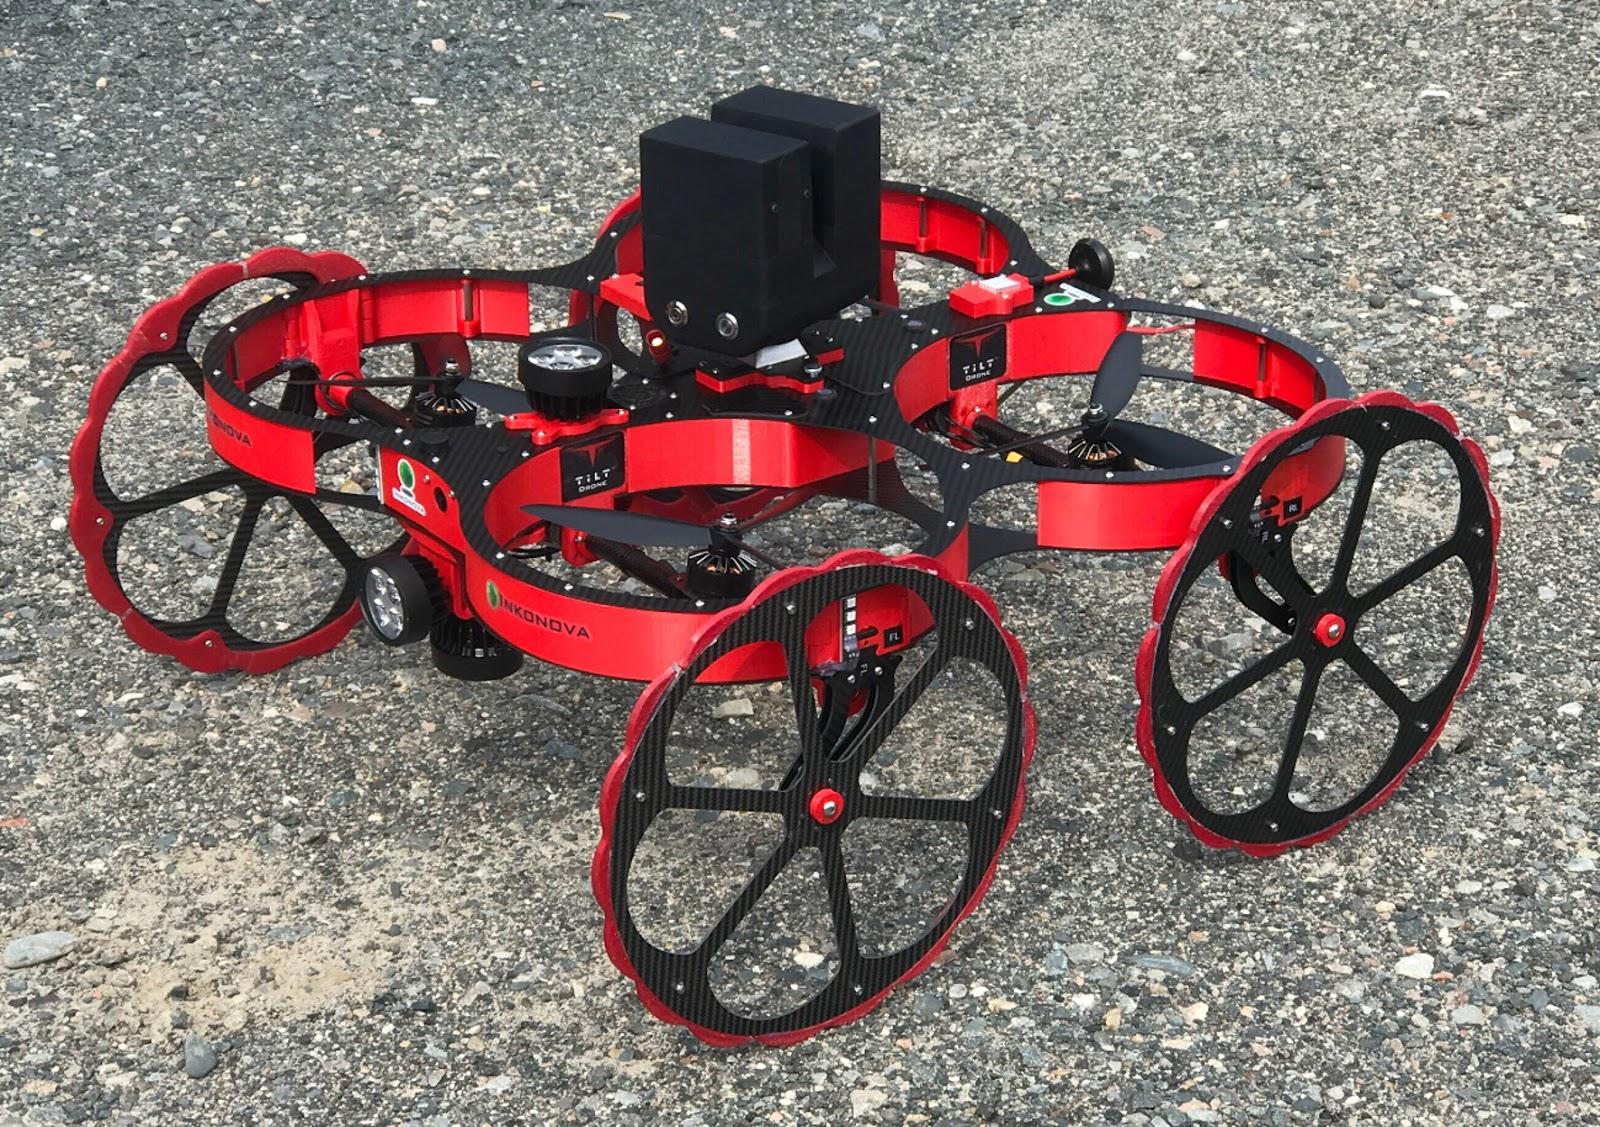 TILT Ranger drone by Inkonova